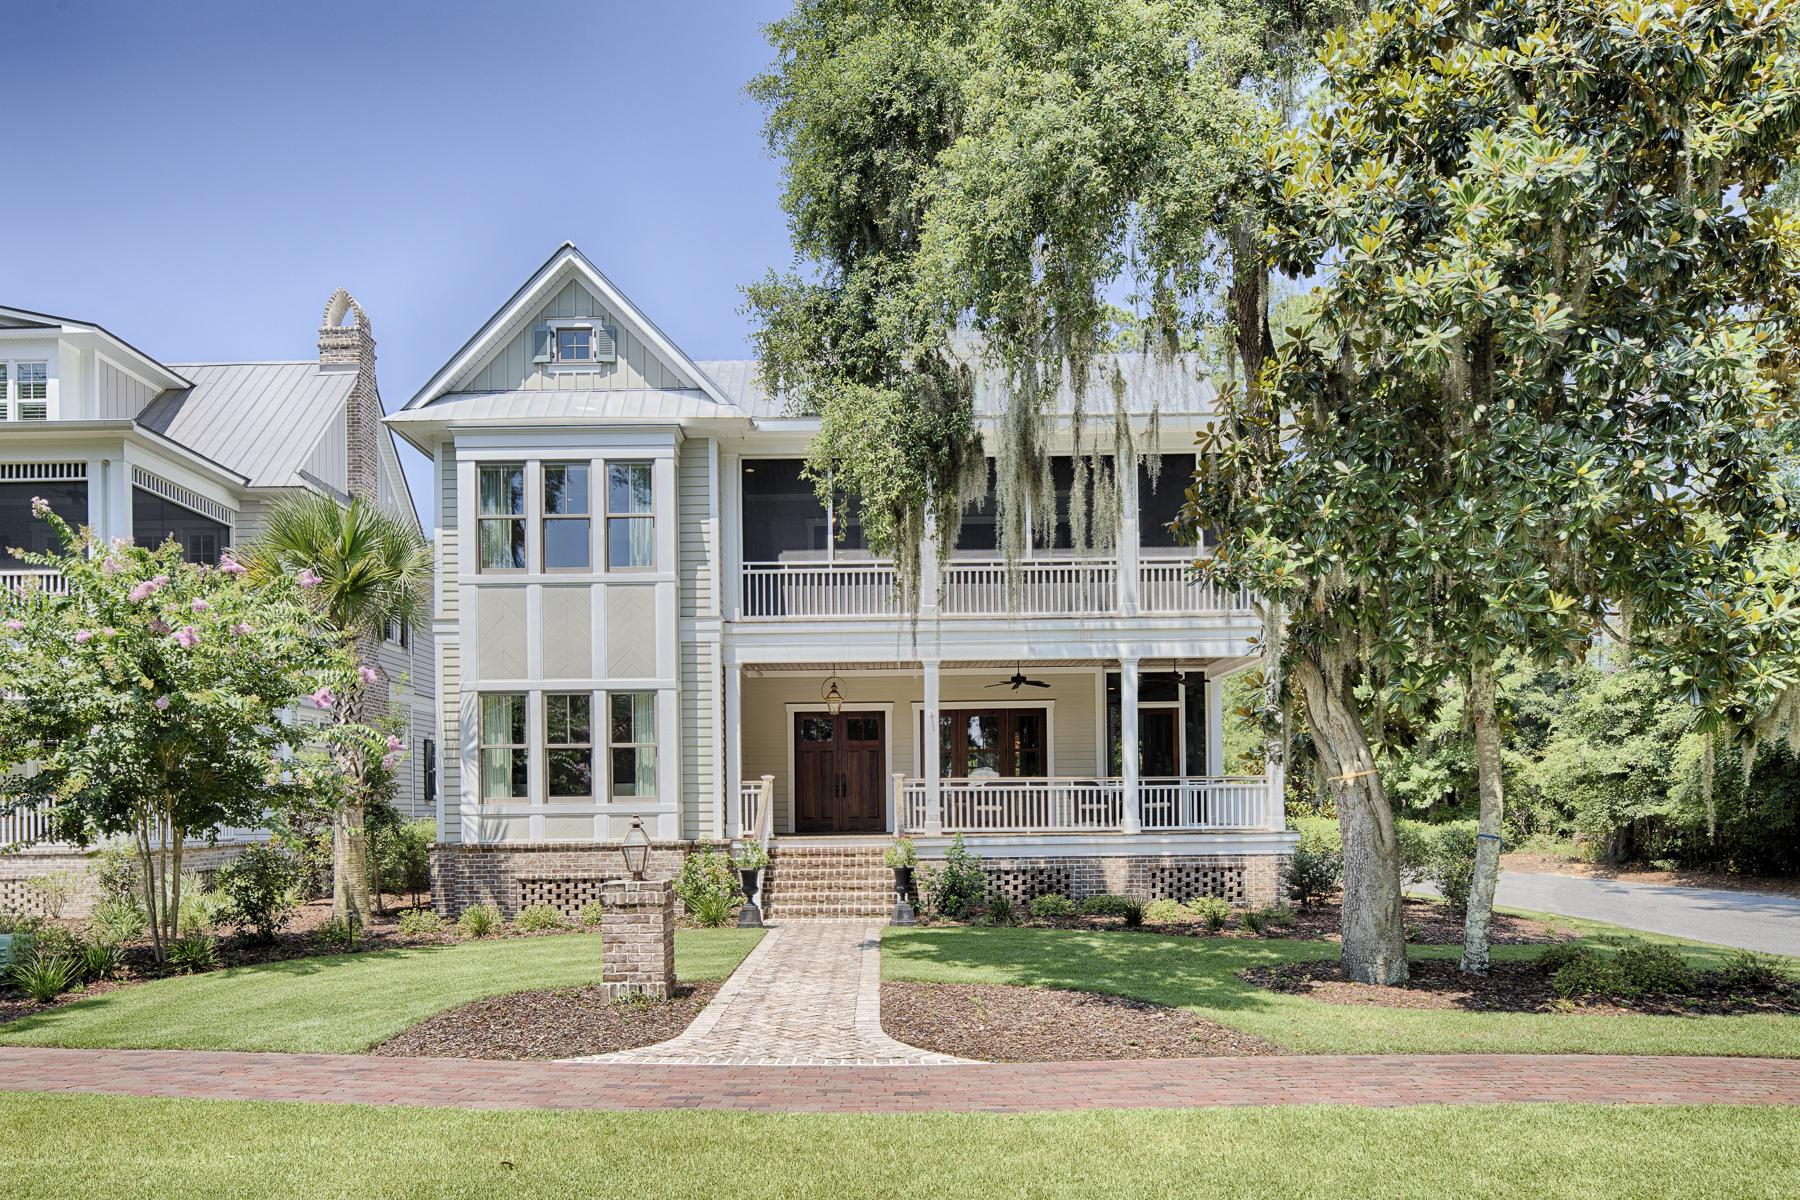 Einfamilienhaus für Verkauf beim Palmetto Bluff 362 Mt Pelia Rd Bluffton, South Carolina 29910 Vereinigte Staaten